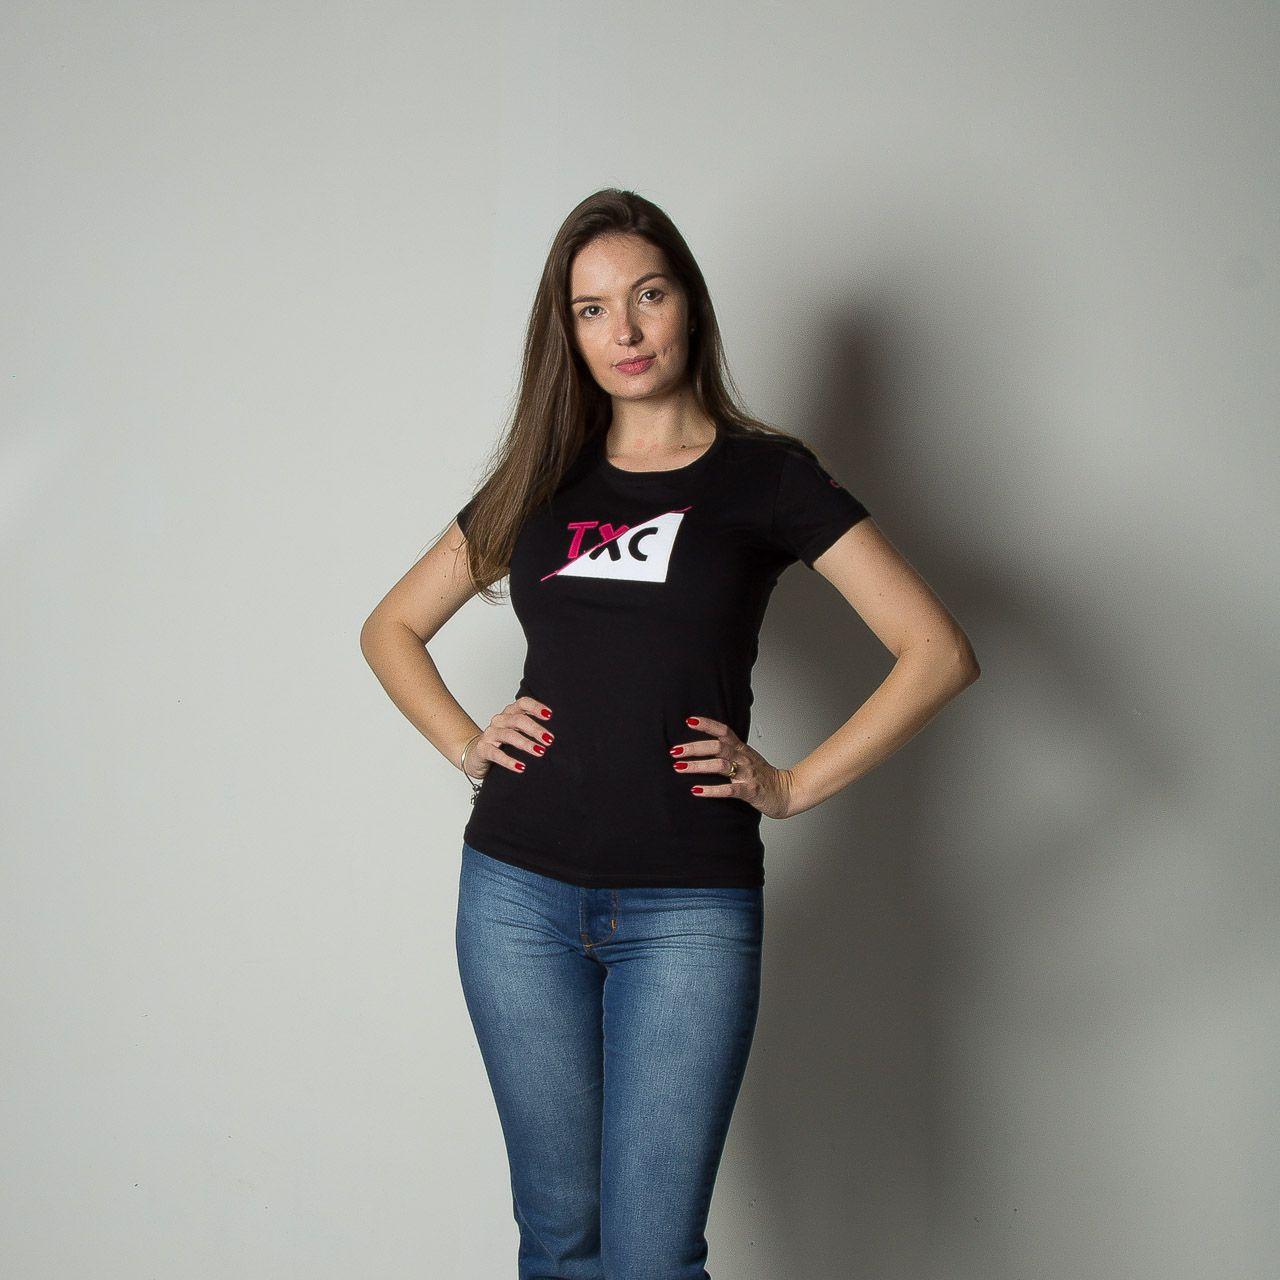 Camiseta Feminina TXC 4416